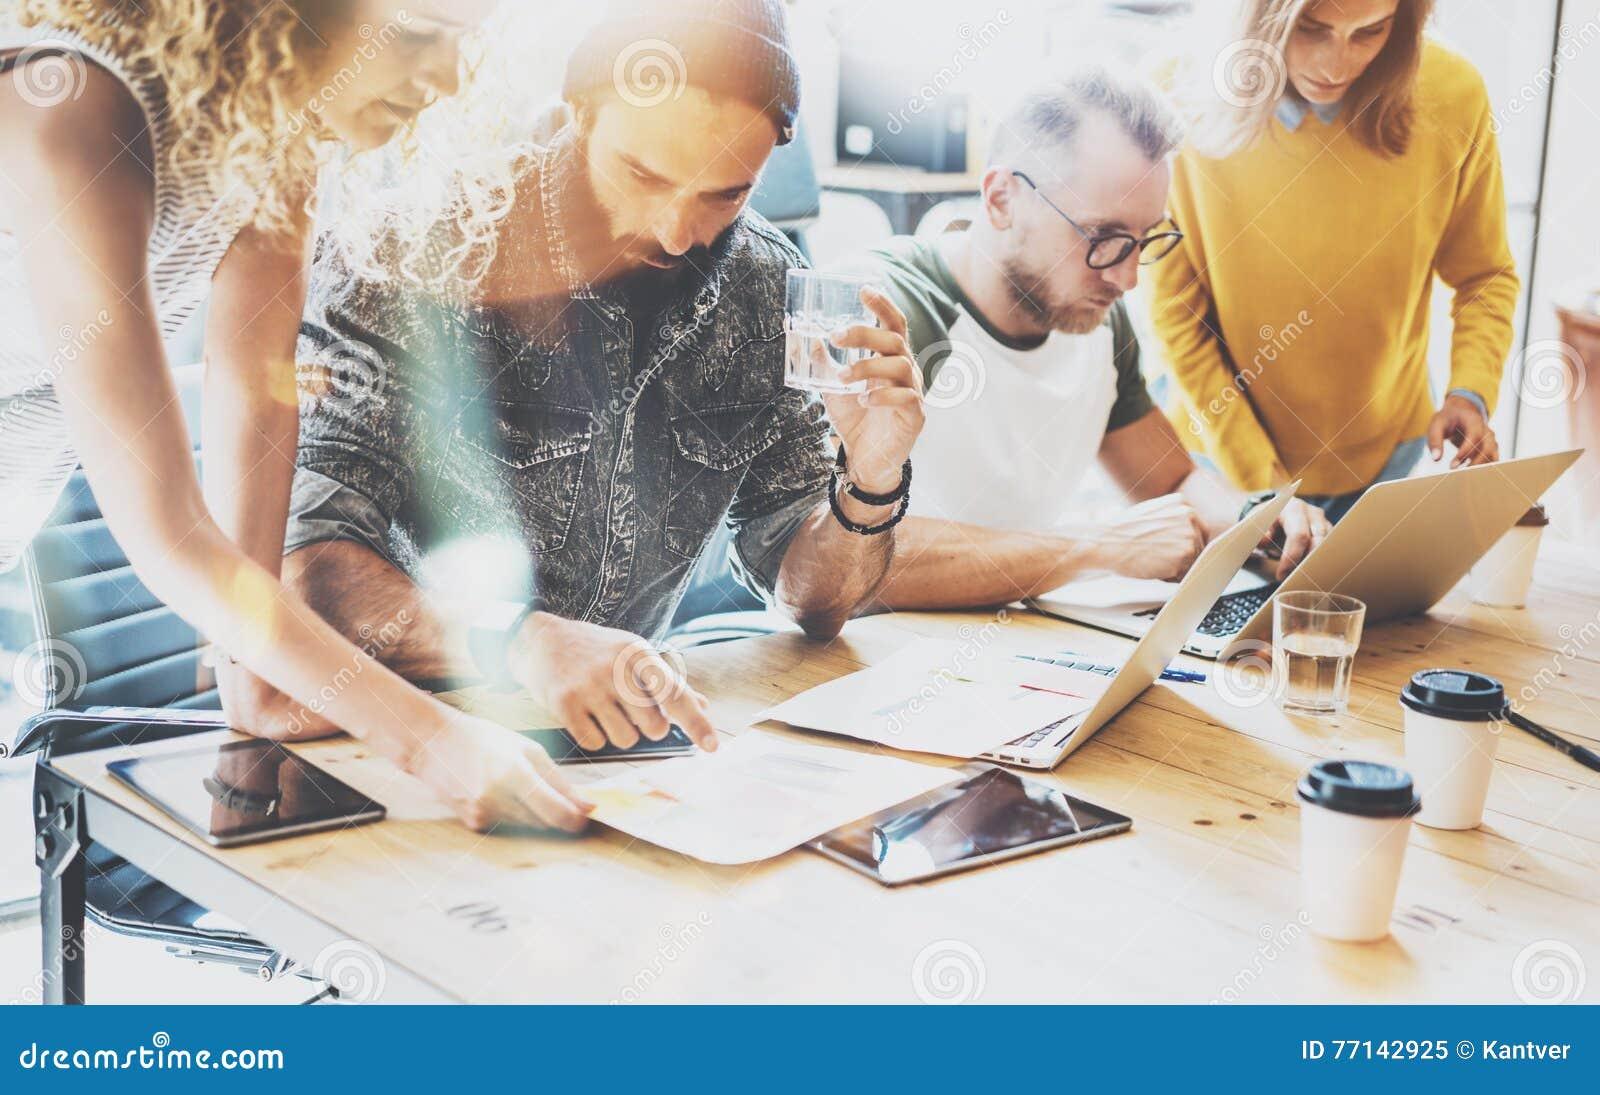 Έννοια συνεδρίασης του  brainstorming  ομαδικής εργασίας ποικιλομορφίας ξεκινήματος Συνάδελφοι επιχειρησιακής ομάδας που μοιράζον